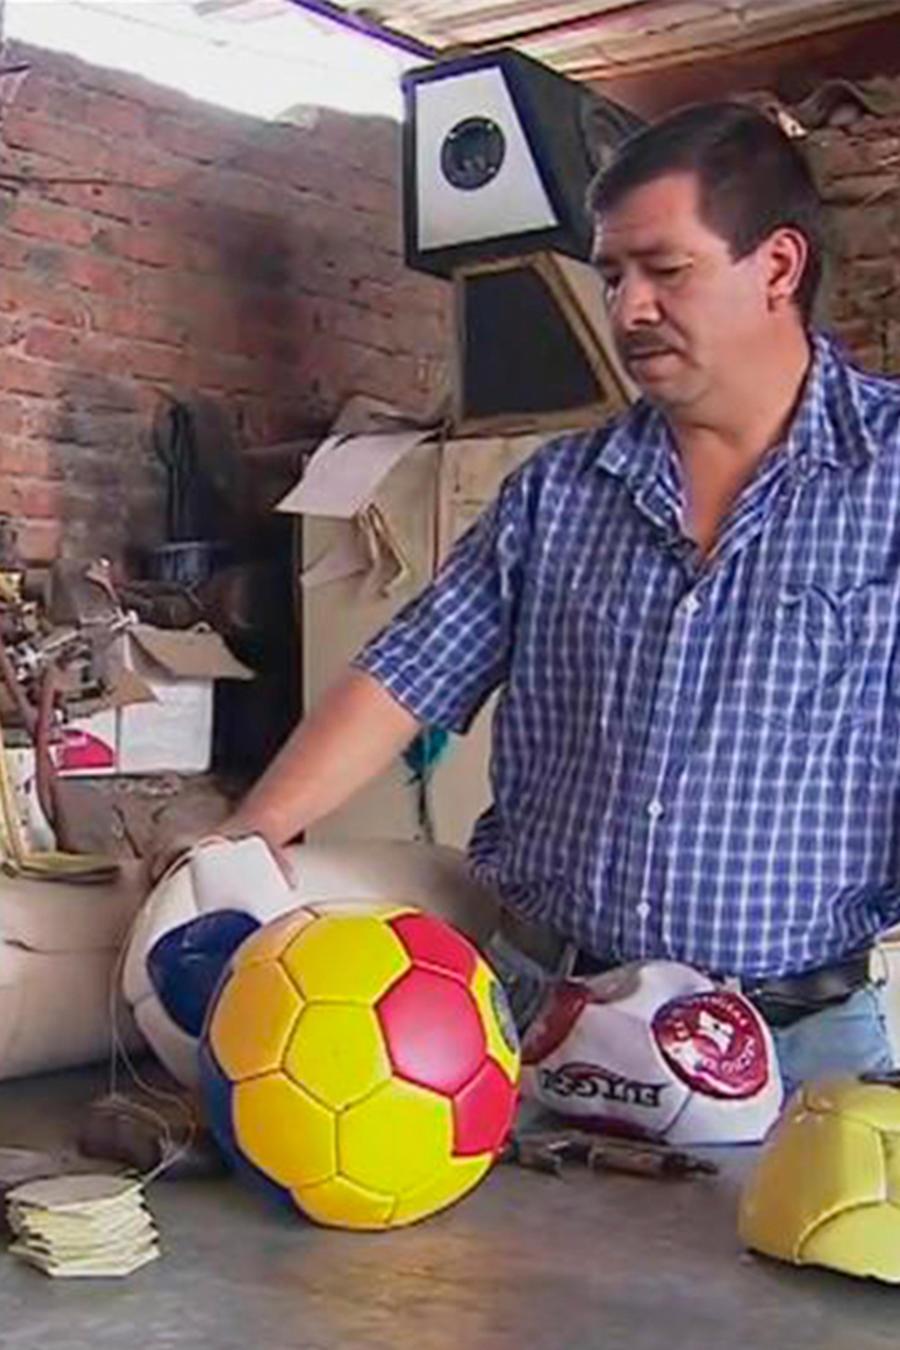 Te contamos la historia de un mexicano que sigue haciendo balones de fútbol artesanales